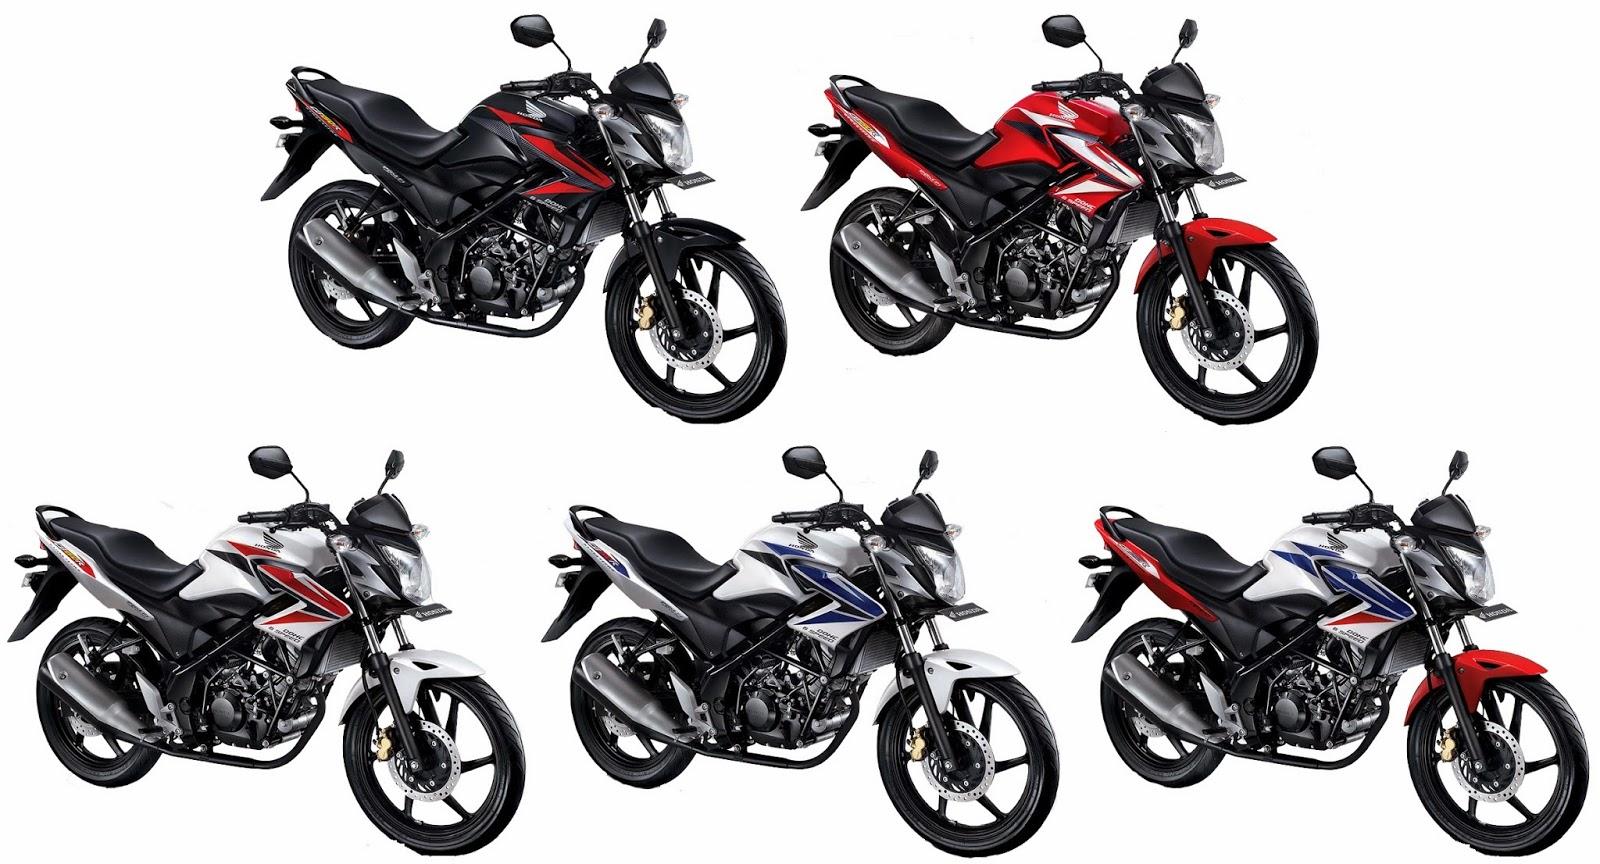 Daftar Harga Motor Honda Terbaru 2017 di Indonesia